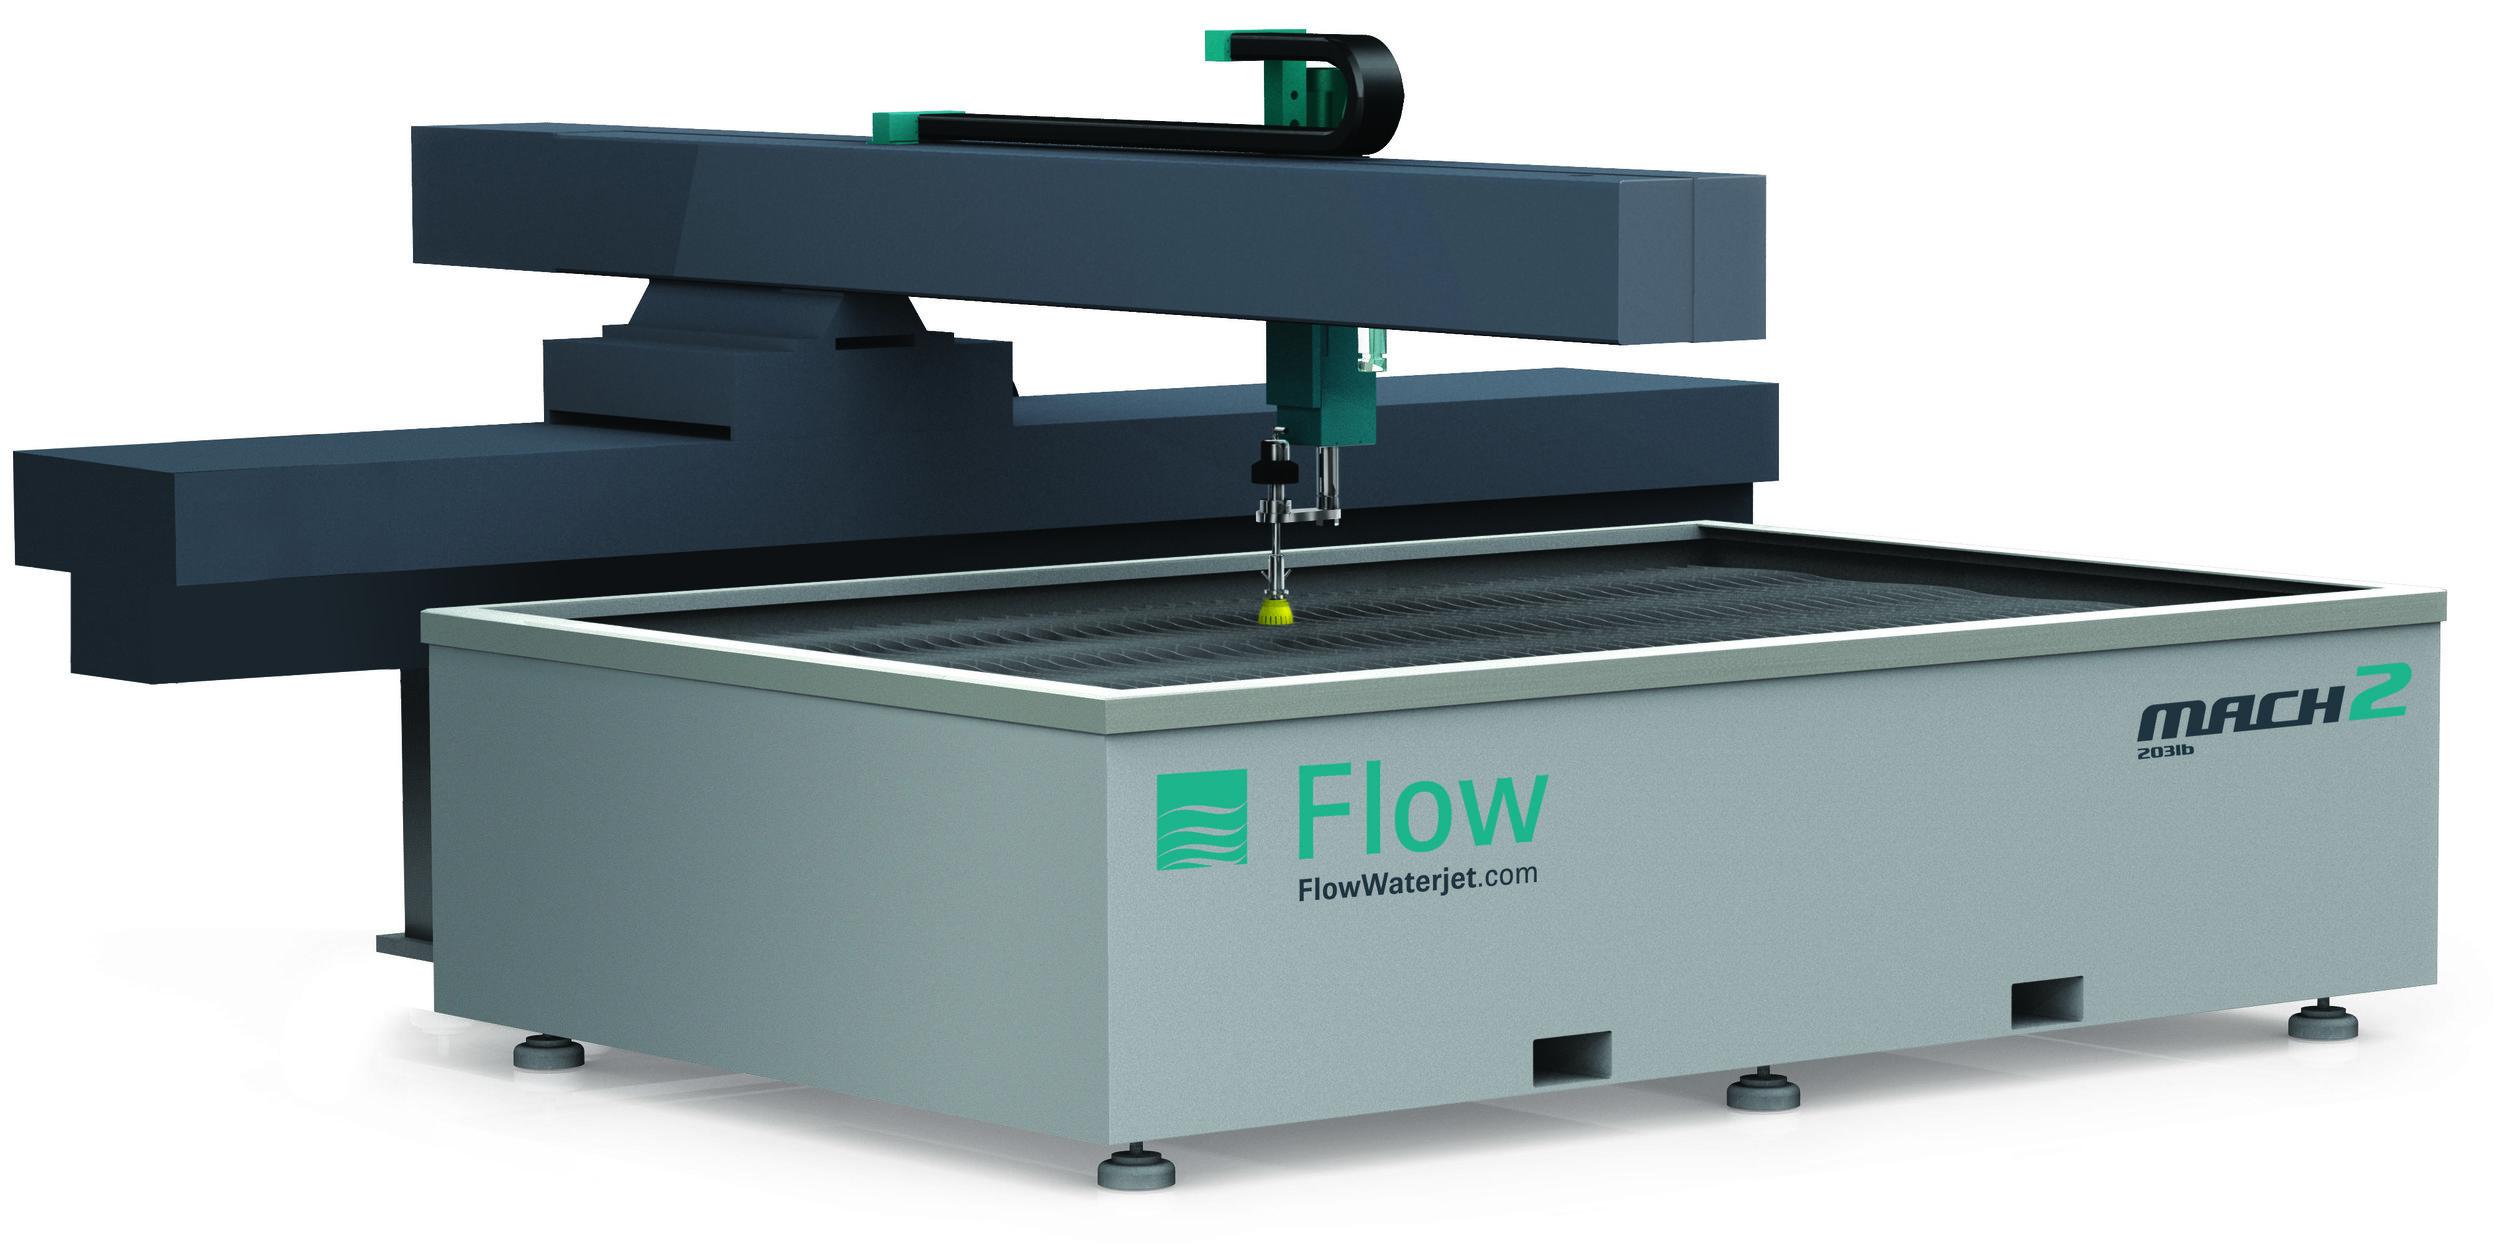 Flow Waterjet Fabrication